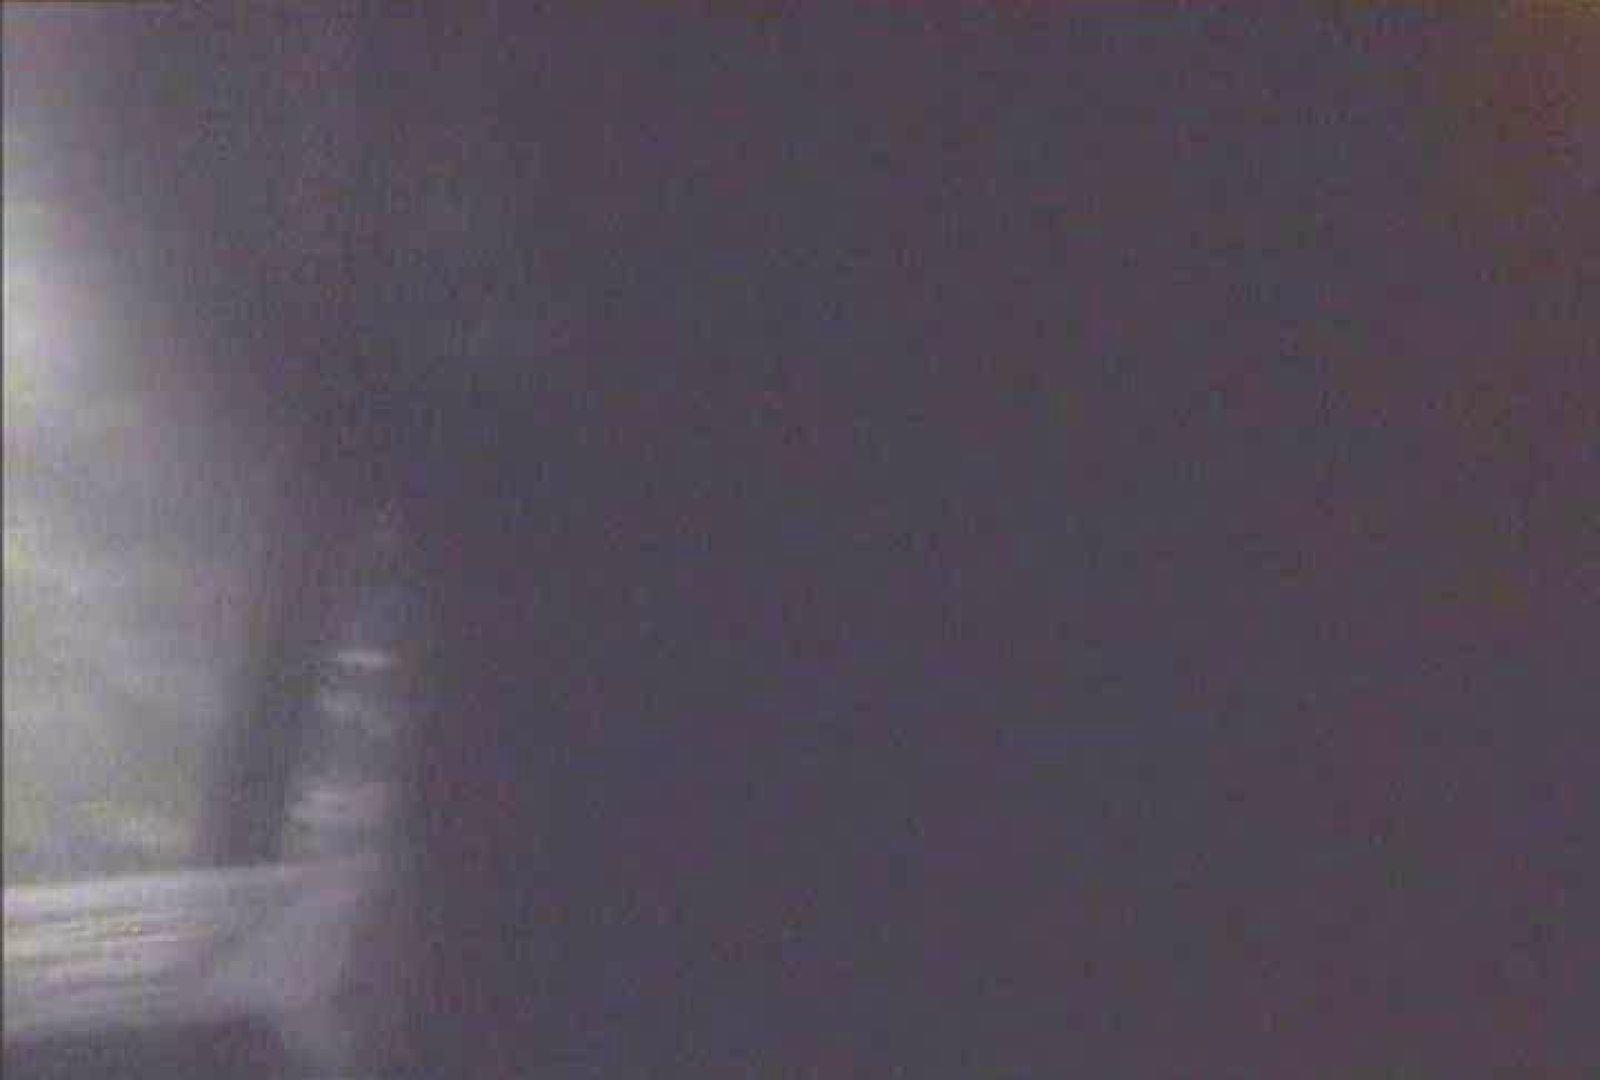 素人投稿シリーズ 盗撮 覗きの穴場 大浴場編  Vol.2 覗き  59枚 39